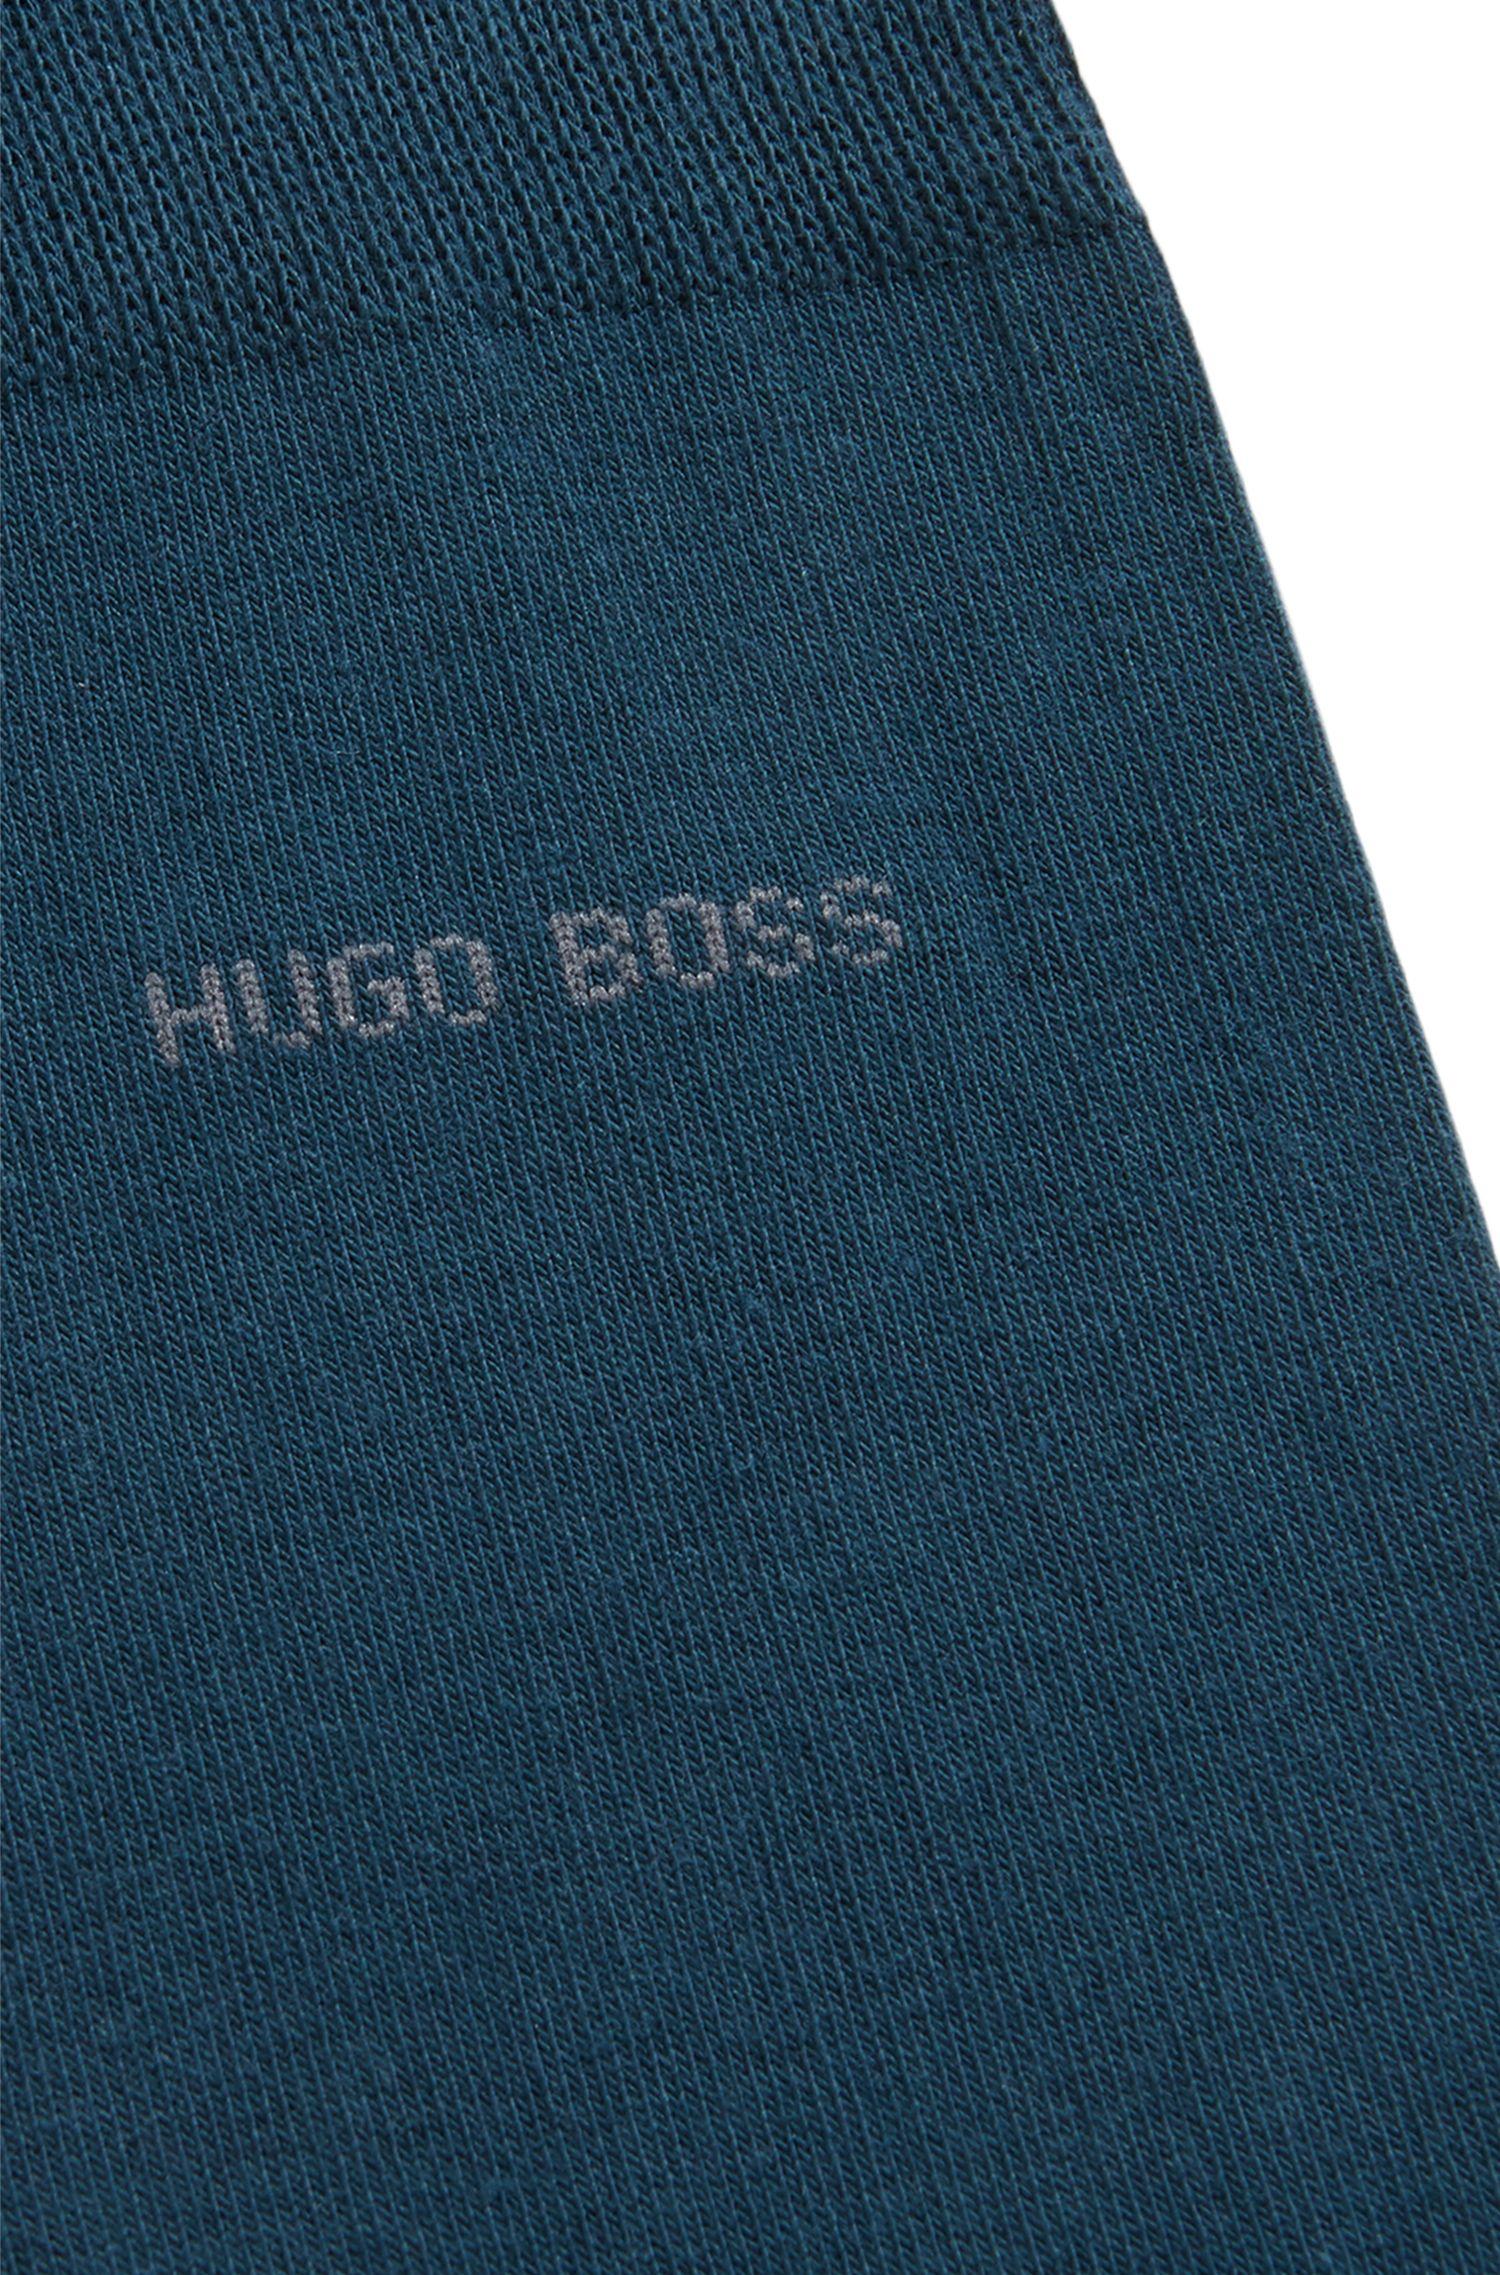 Mittelhohe Socken aus gekämmter Stretch-Baumwolle